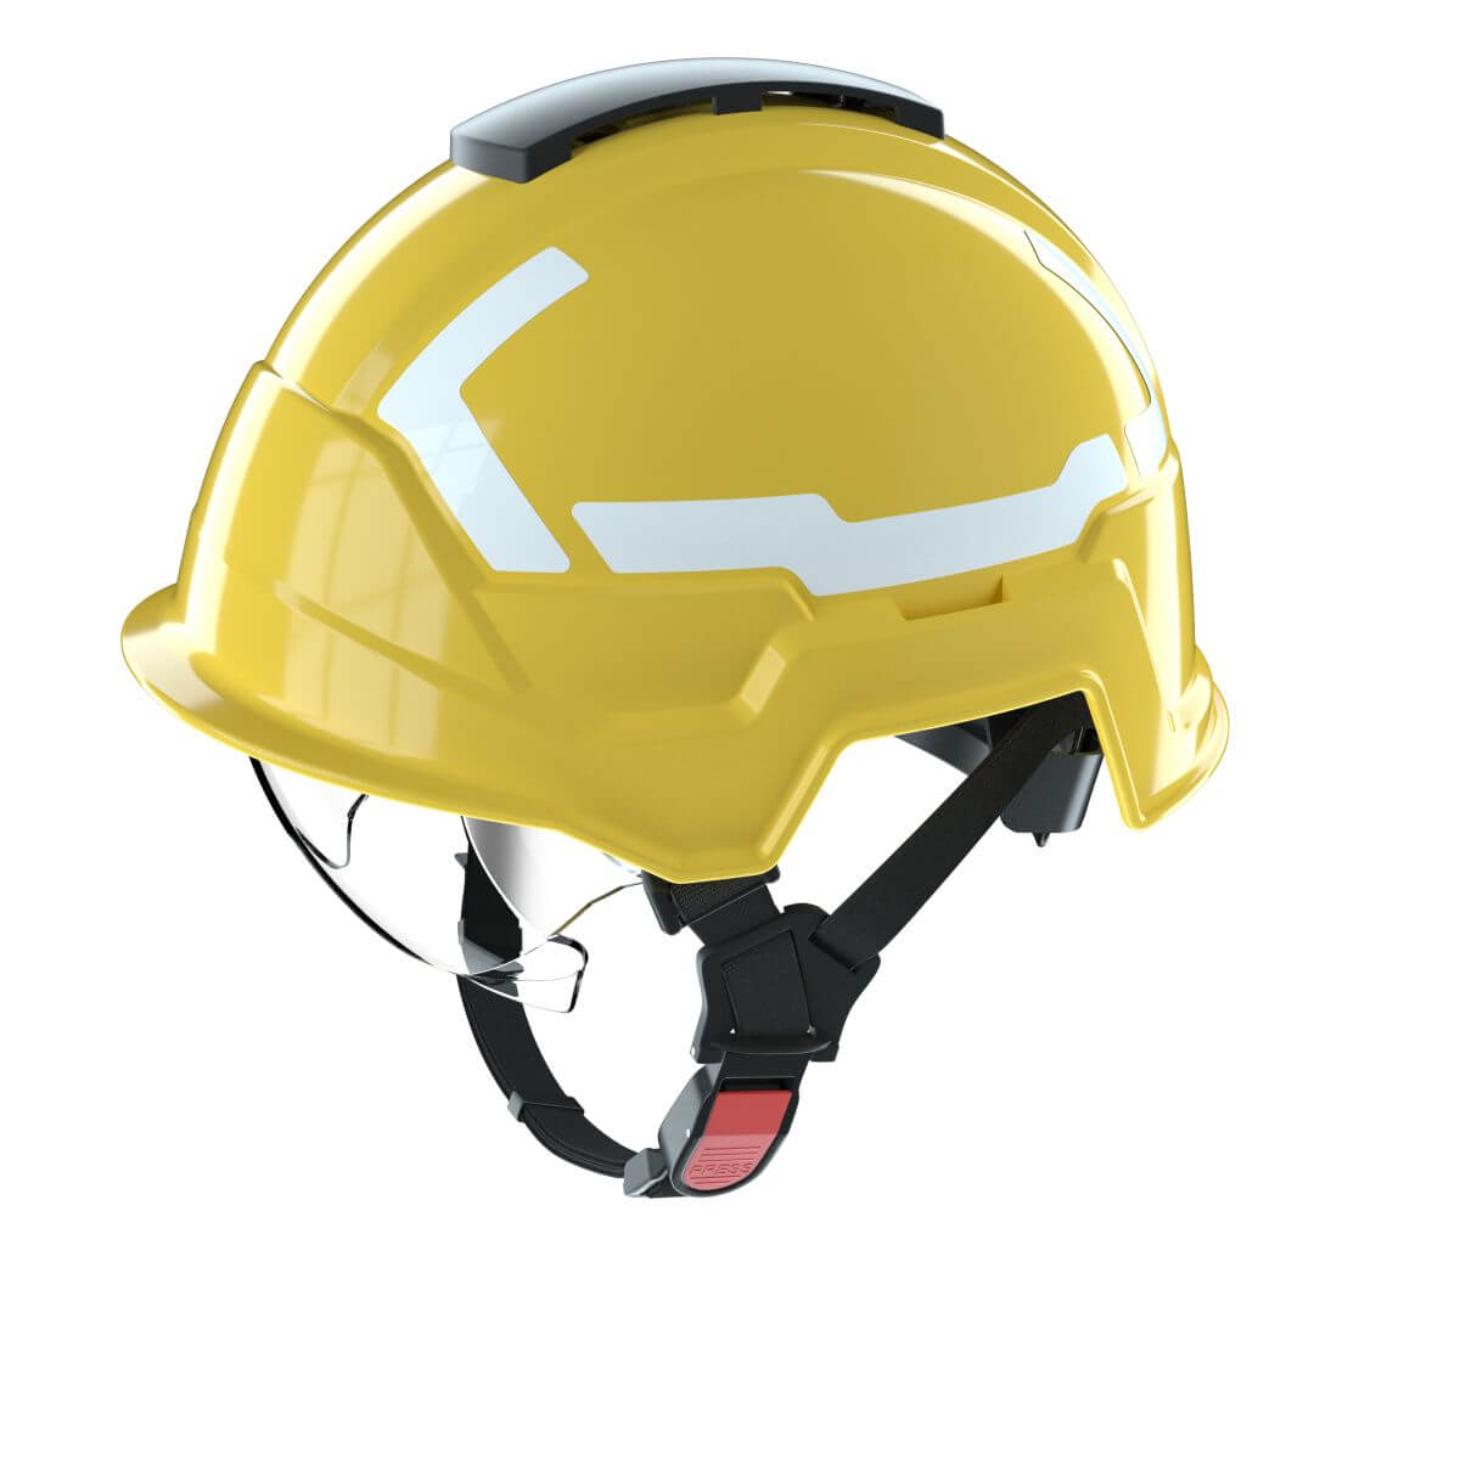 PAB MP2 Helm für Waldbrandbekämpfung und Rettungsdienst